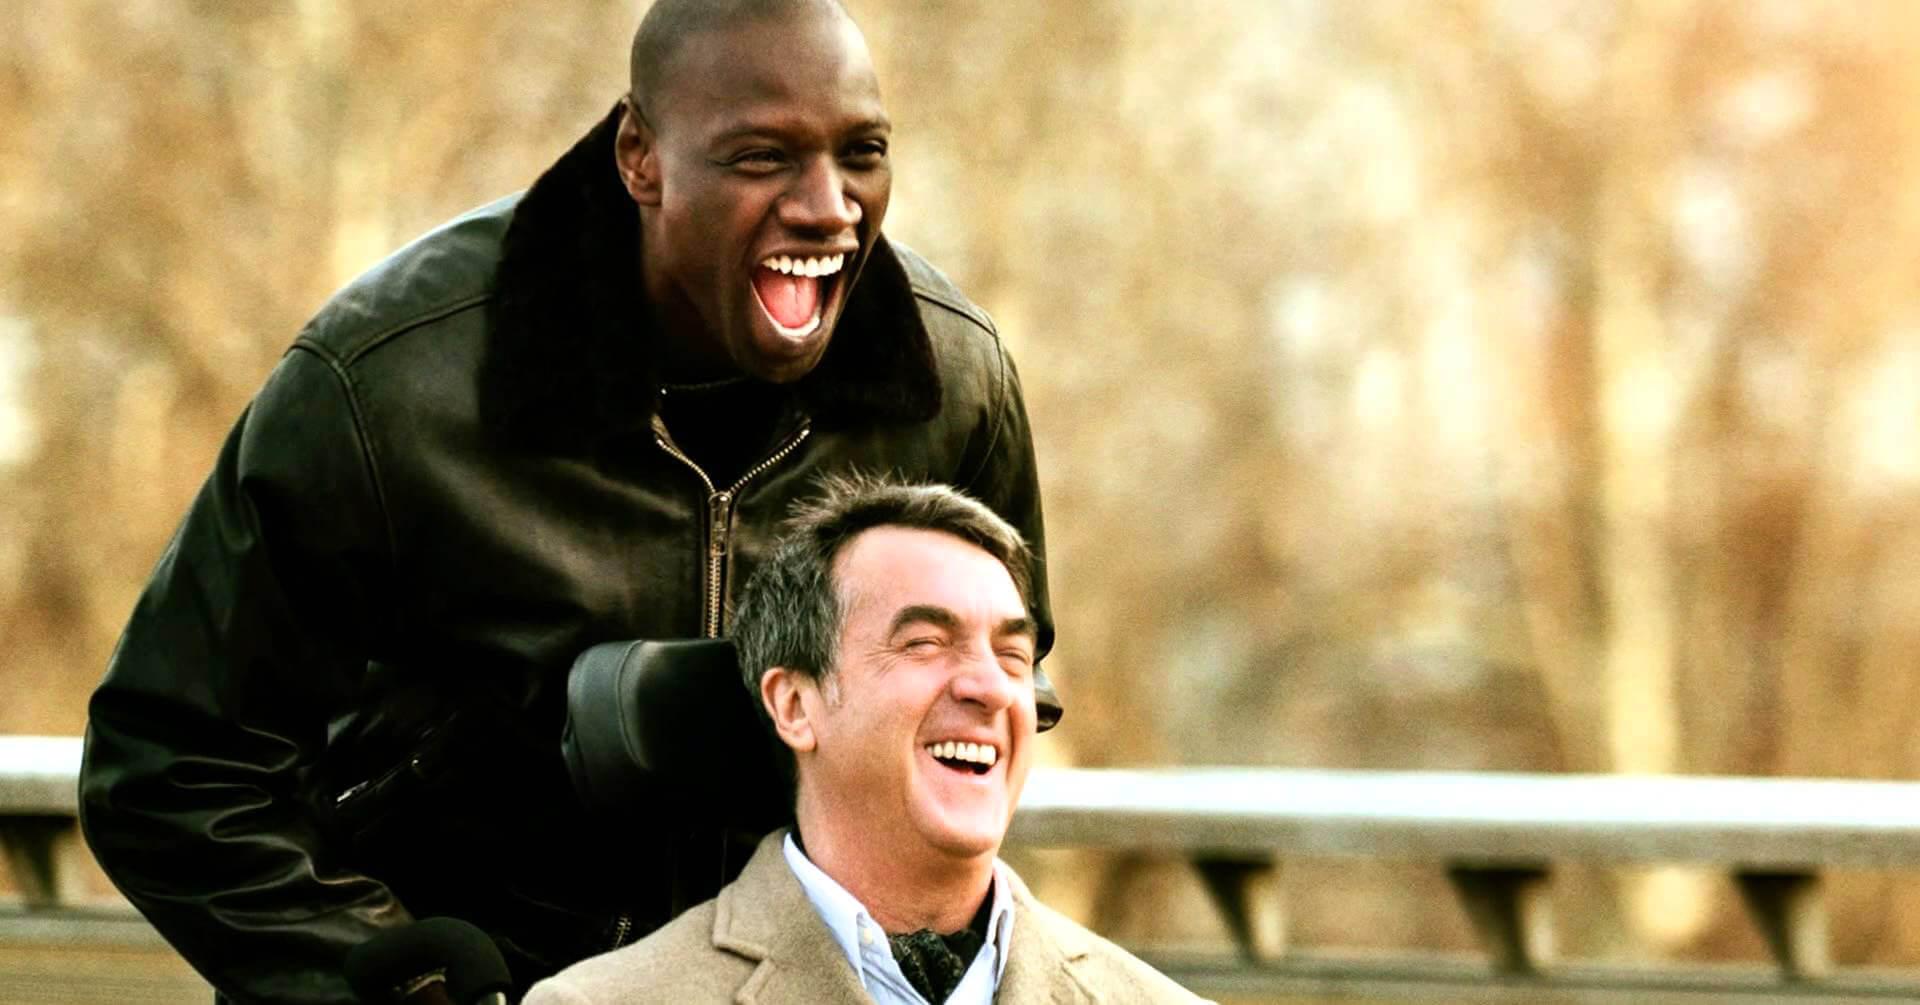 unohtumattomat ihmiset saavat toiset hymyilemään ja nauramaan